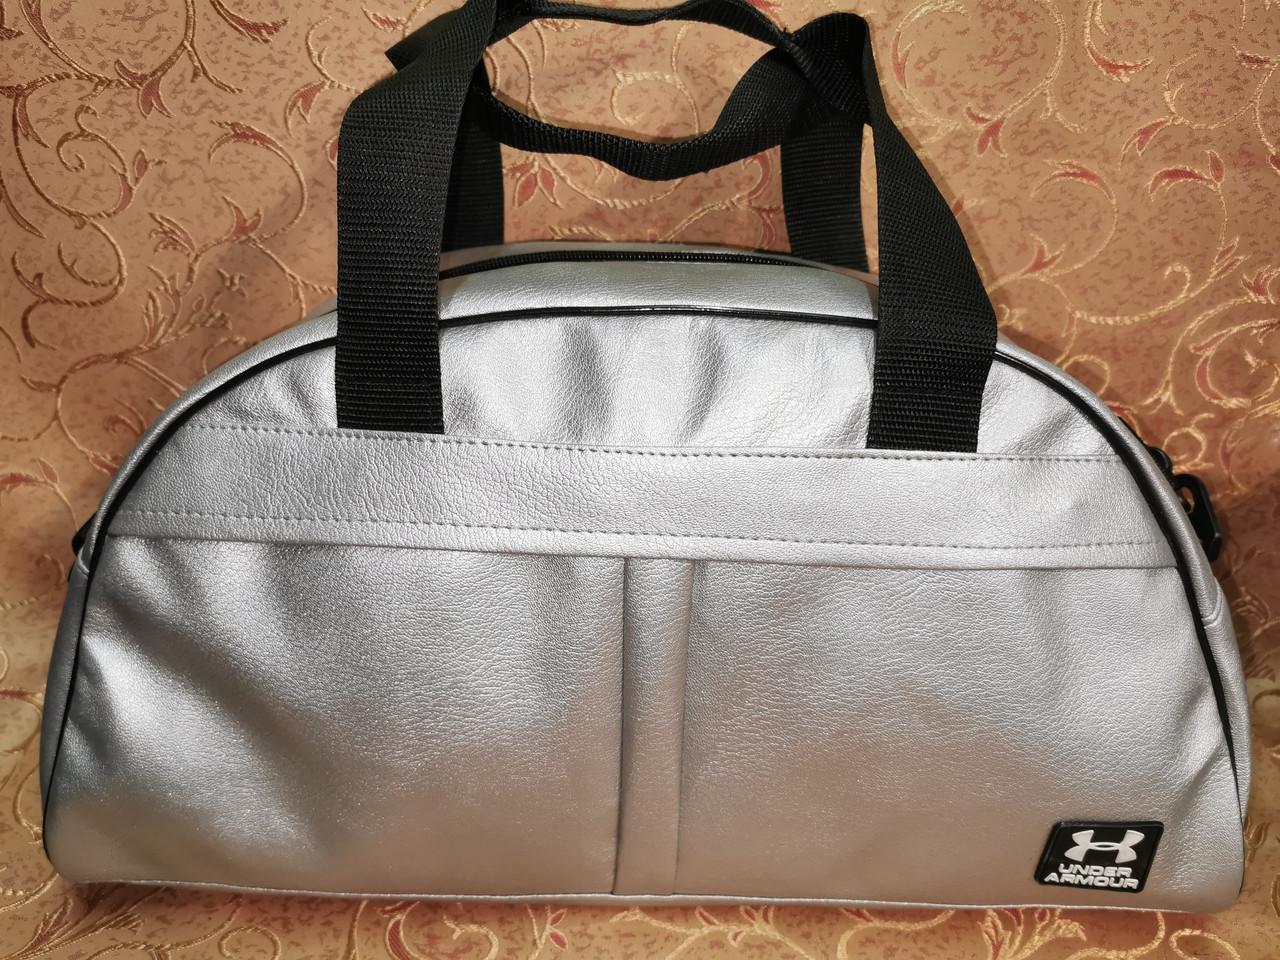 Спортивная сумка UNDER ARMOUR Унисекс последние искусств кожа/Сумка из искусственной кожи (только ОПТ)